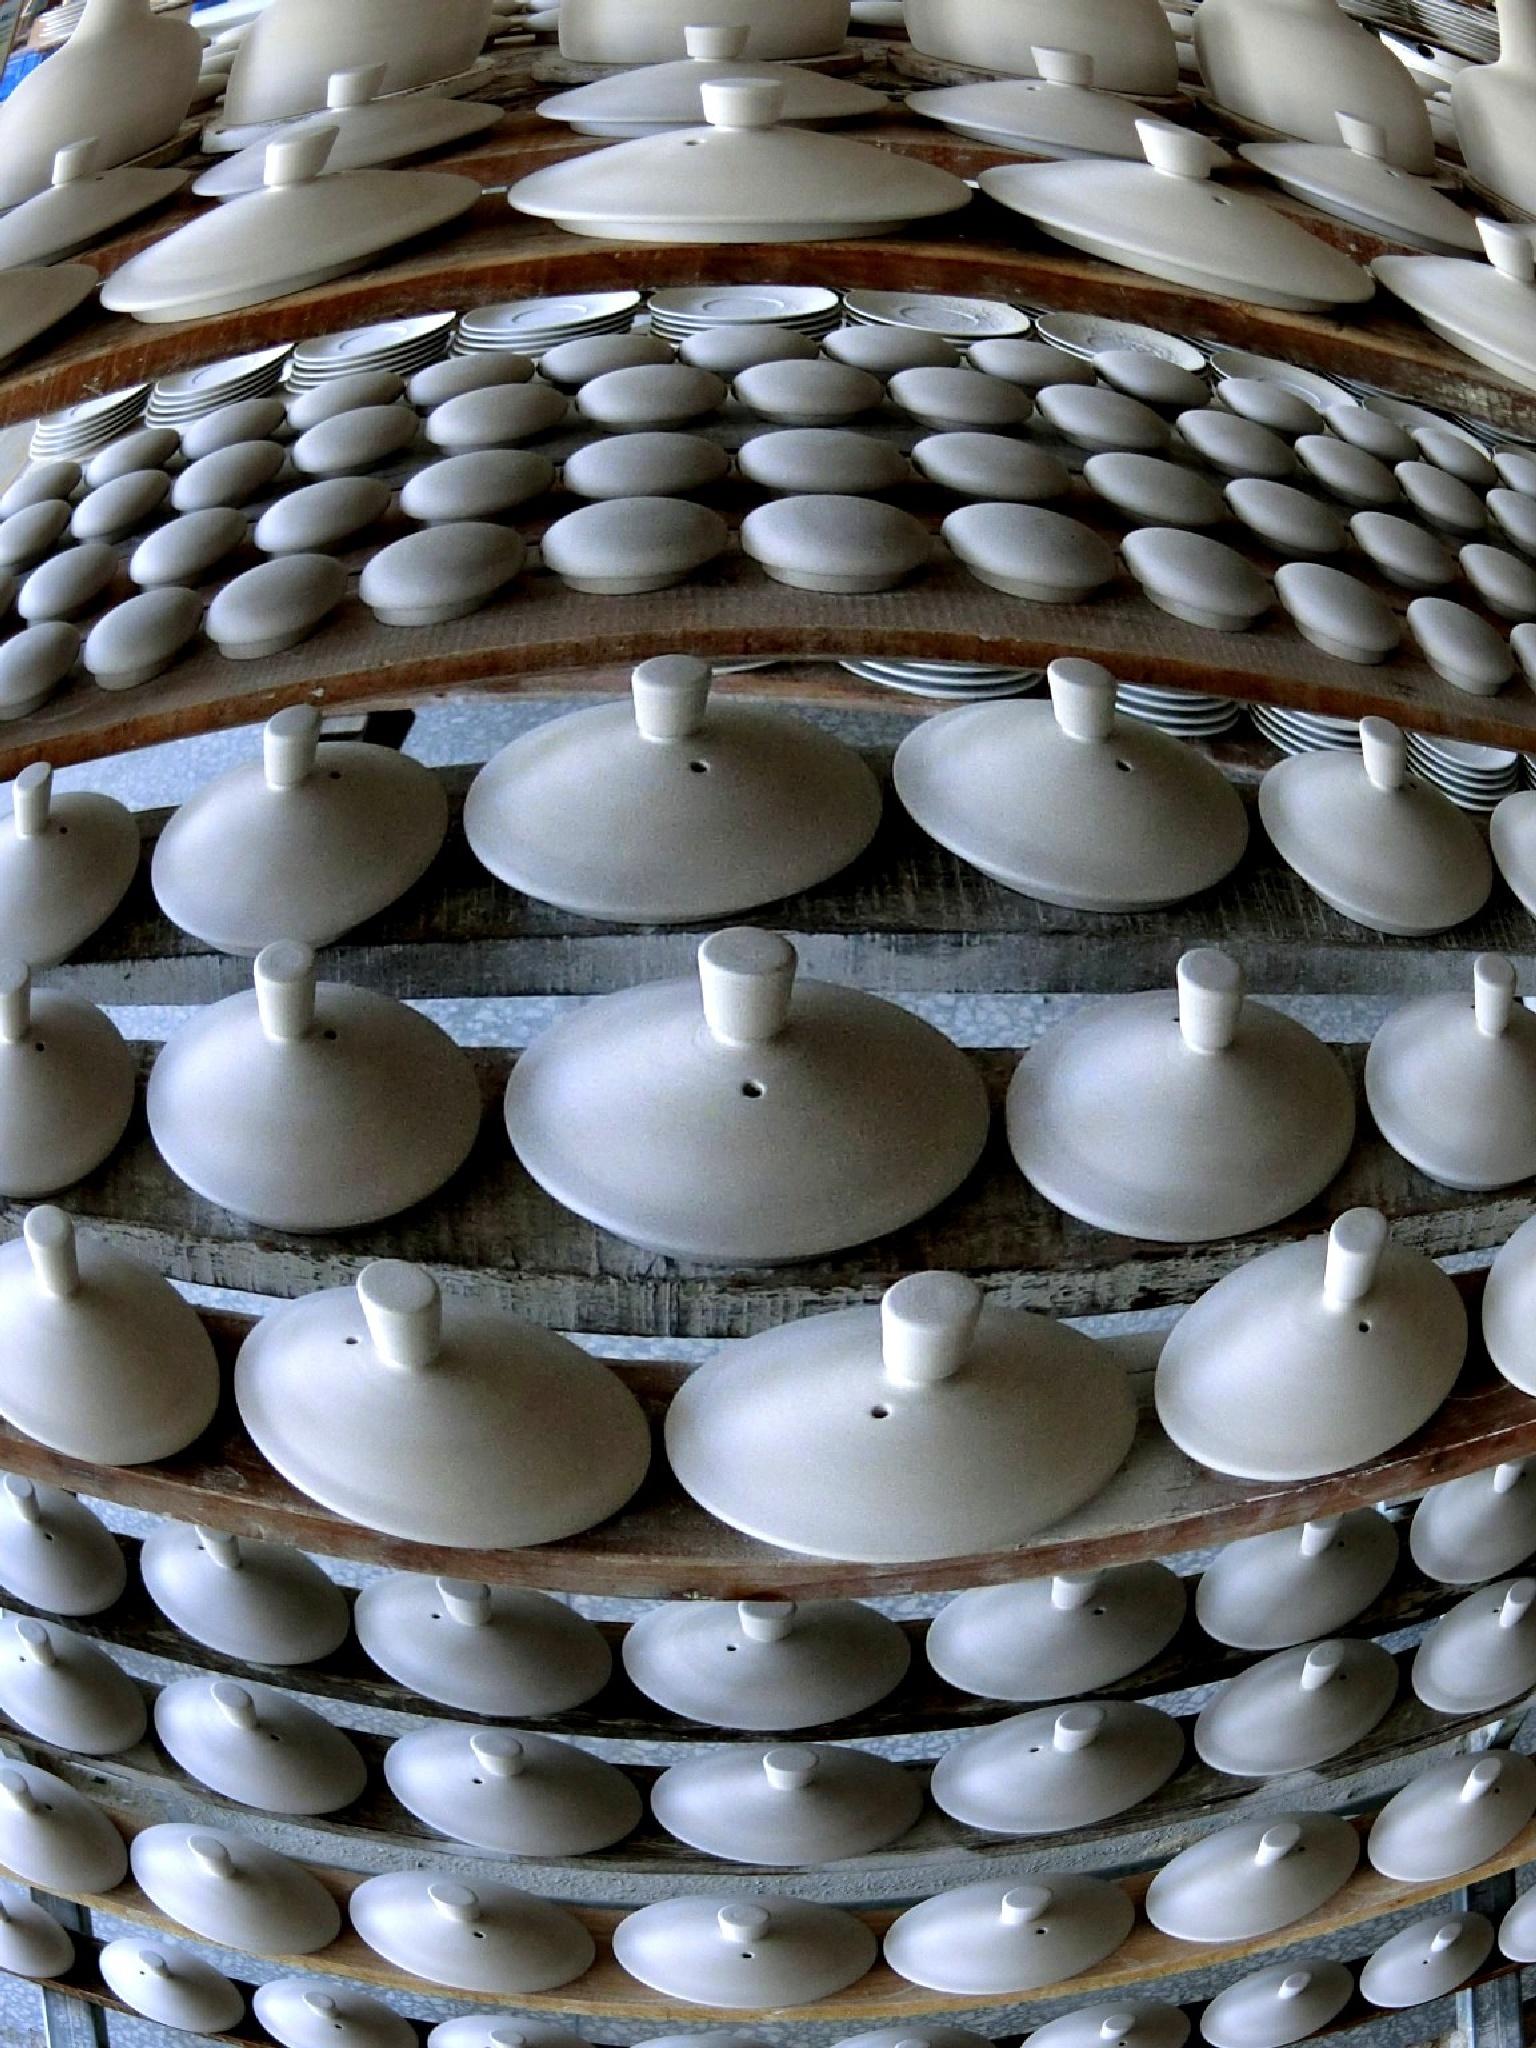 Pottery factory, Jingdezhen, Jiangxi by pop88123